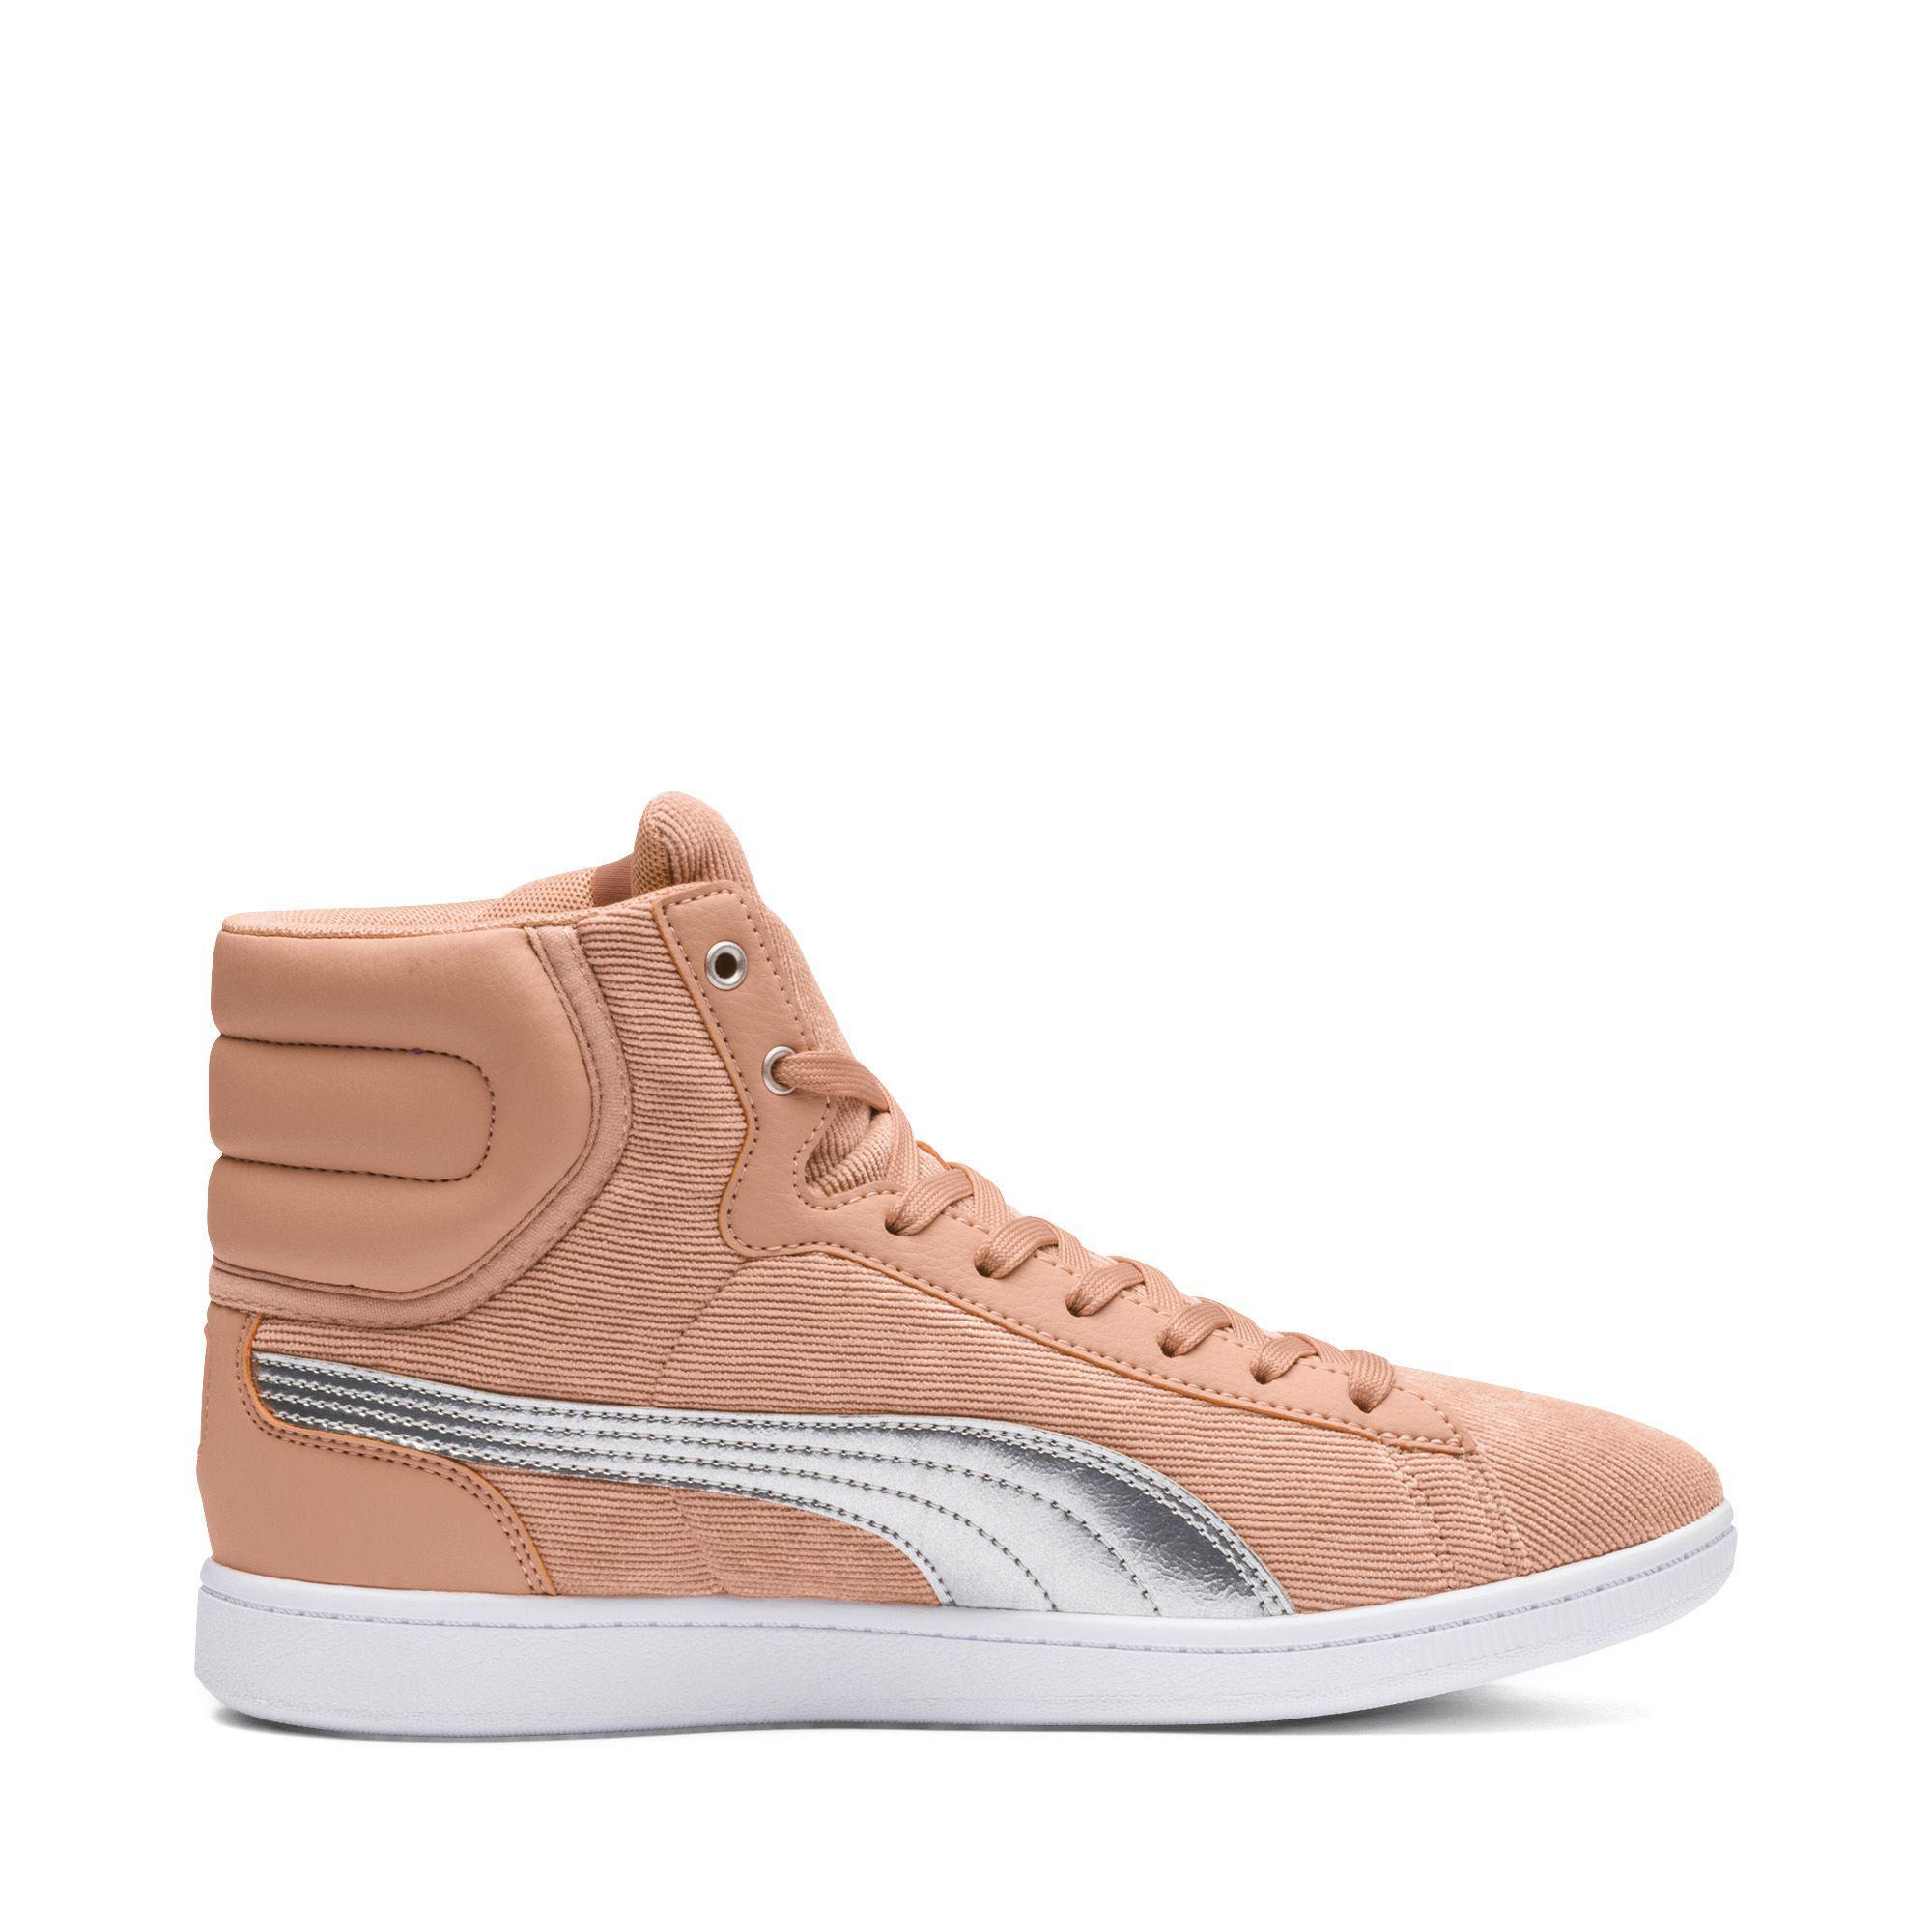 8b0641cc6da2 Lyst - PUMA Vikky Mid Cord Women s Sneakers - Save 17%